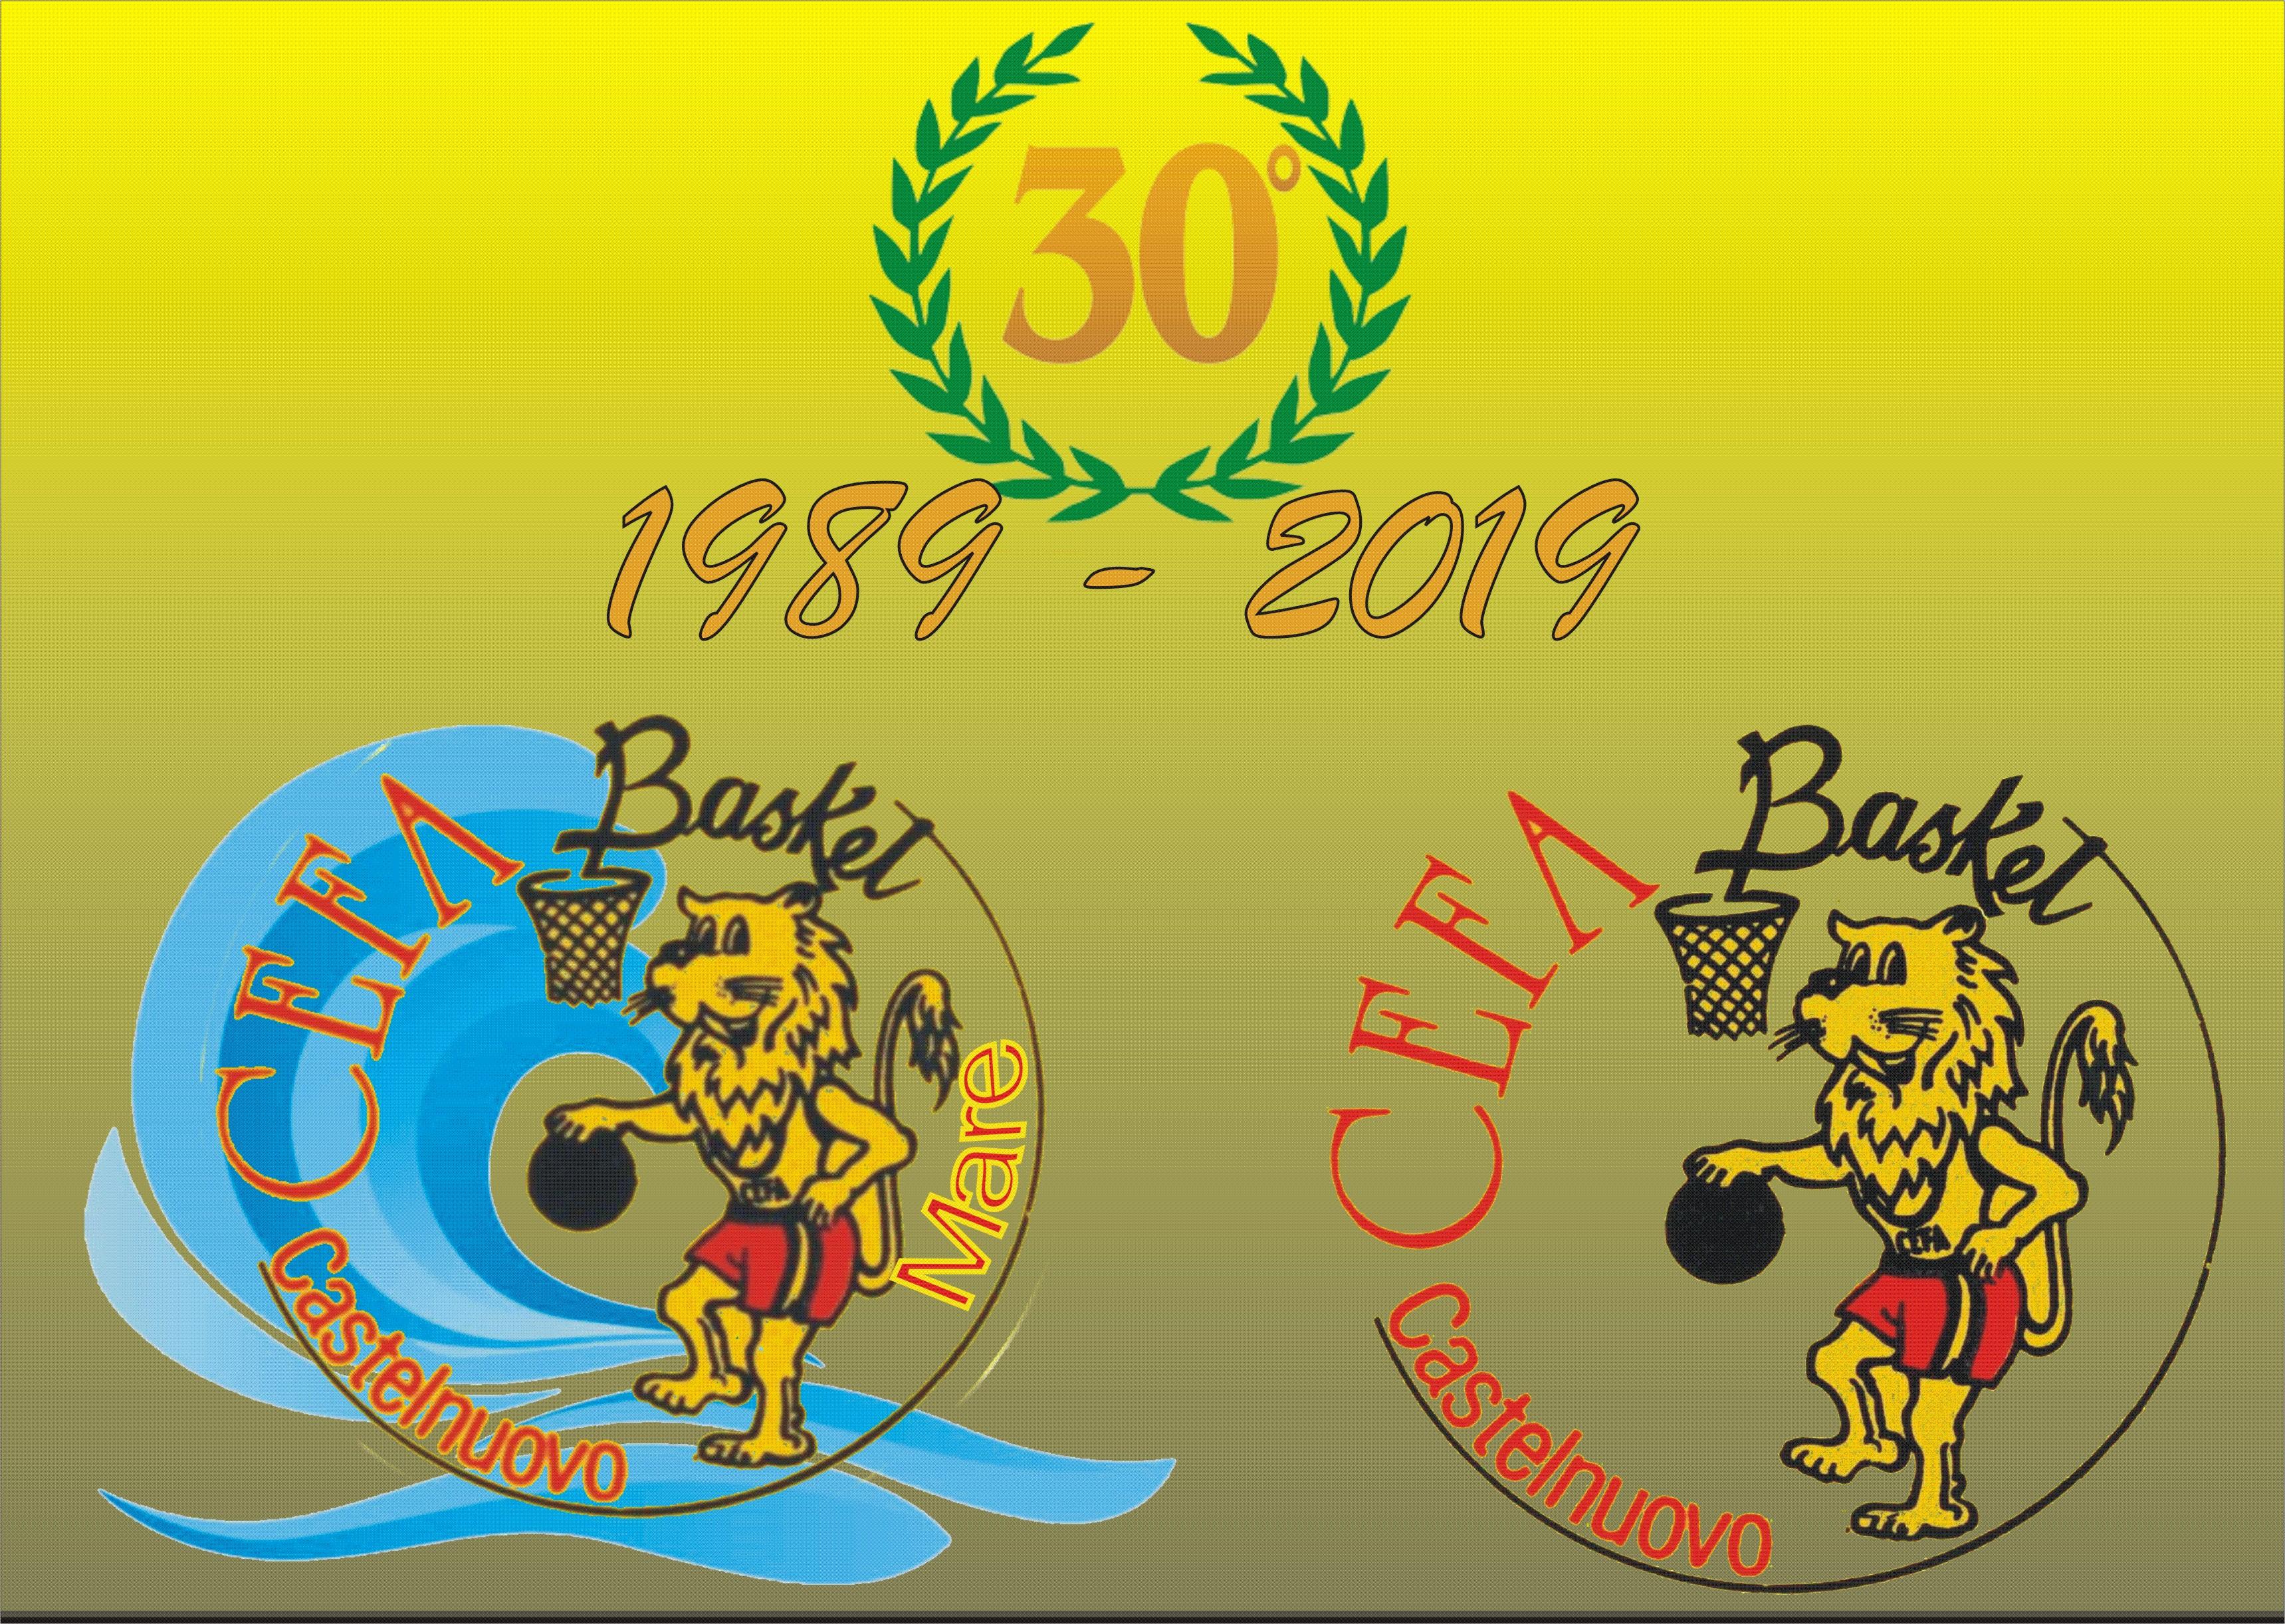 il Video dei 30 Anni del CEFA Basket 1989 – 2019